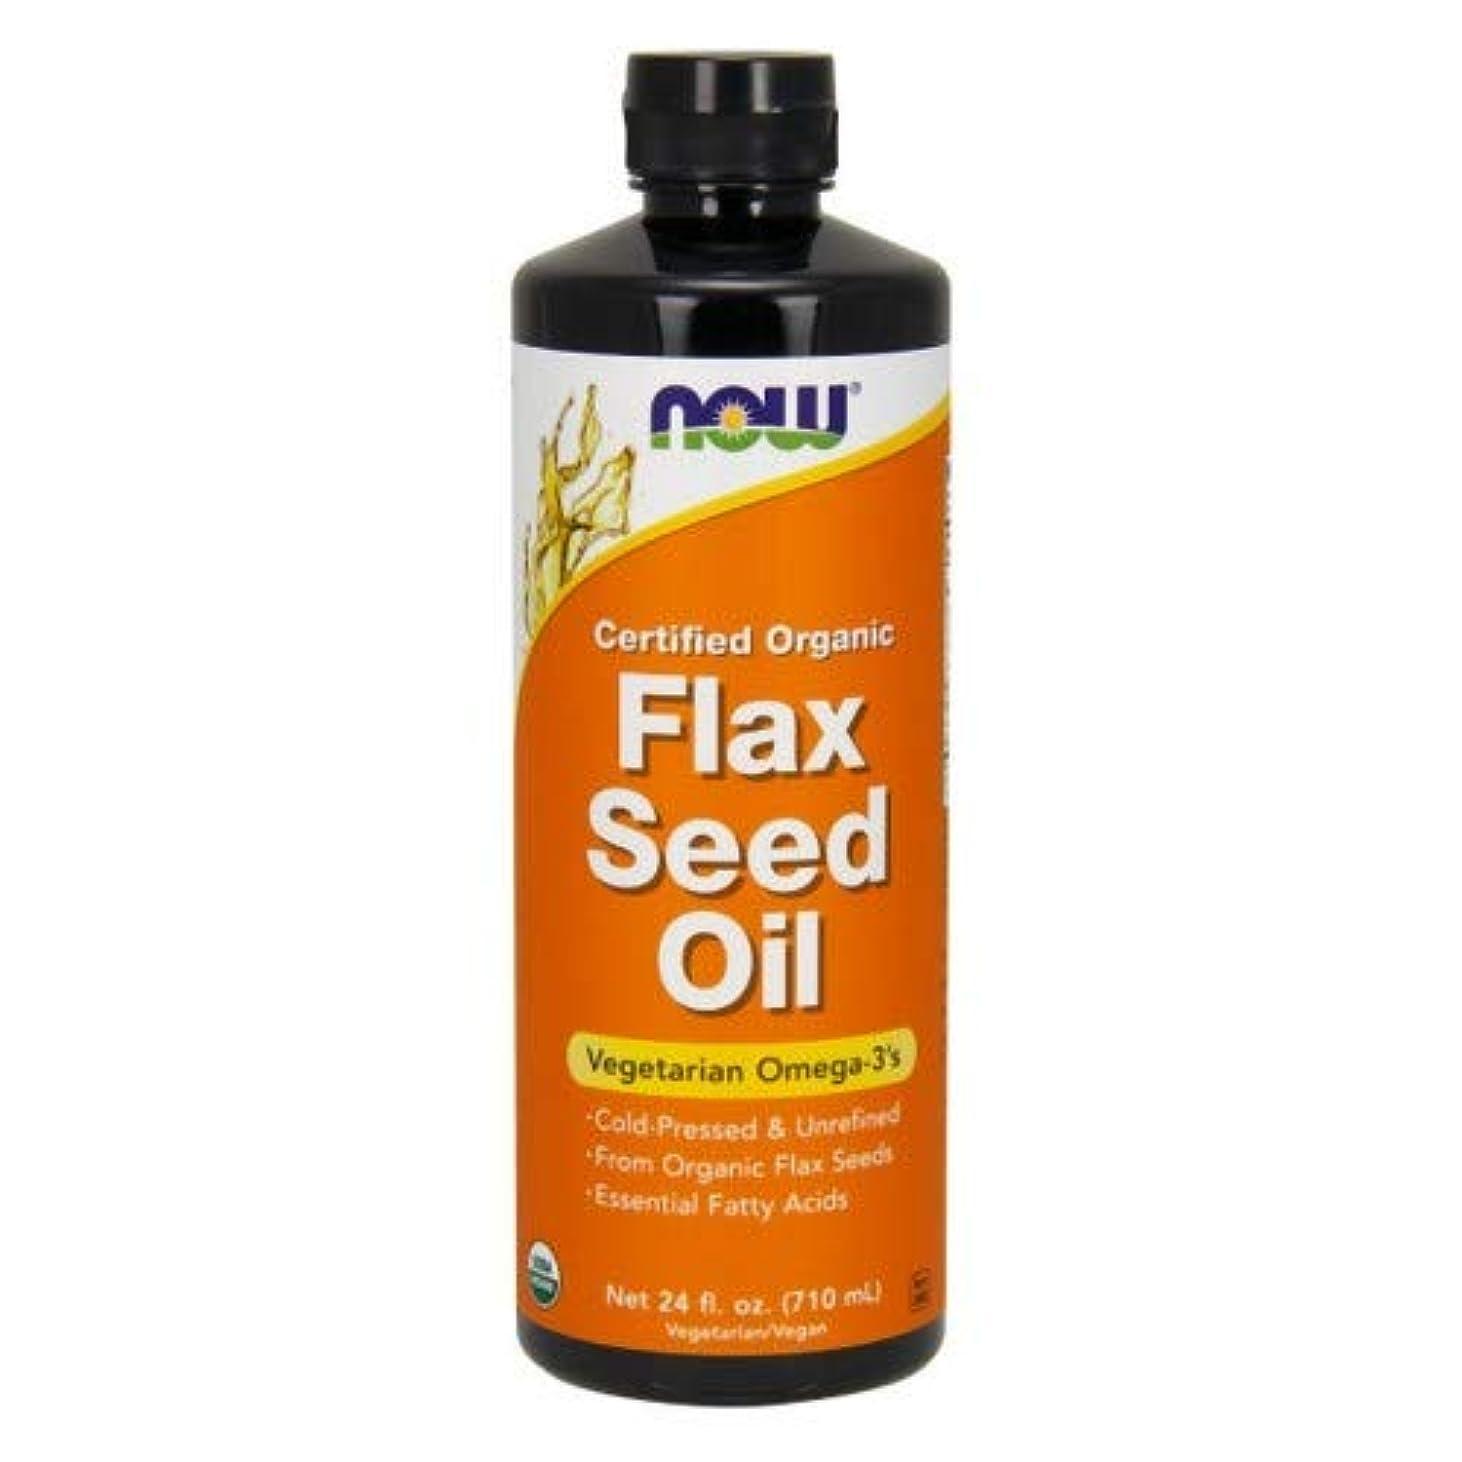 疼痛カバレッジ刑務所Flax Seed Oil (Certified Organic) 24